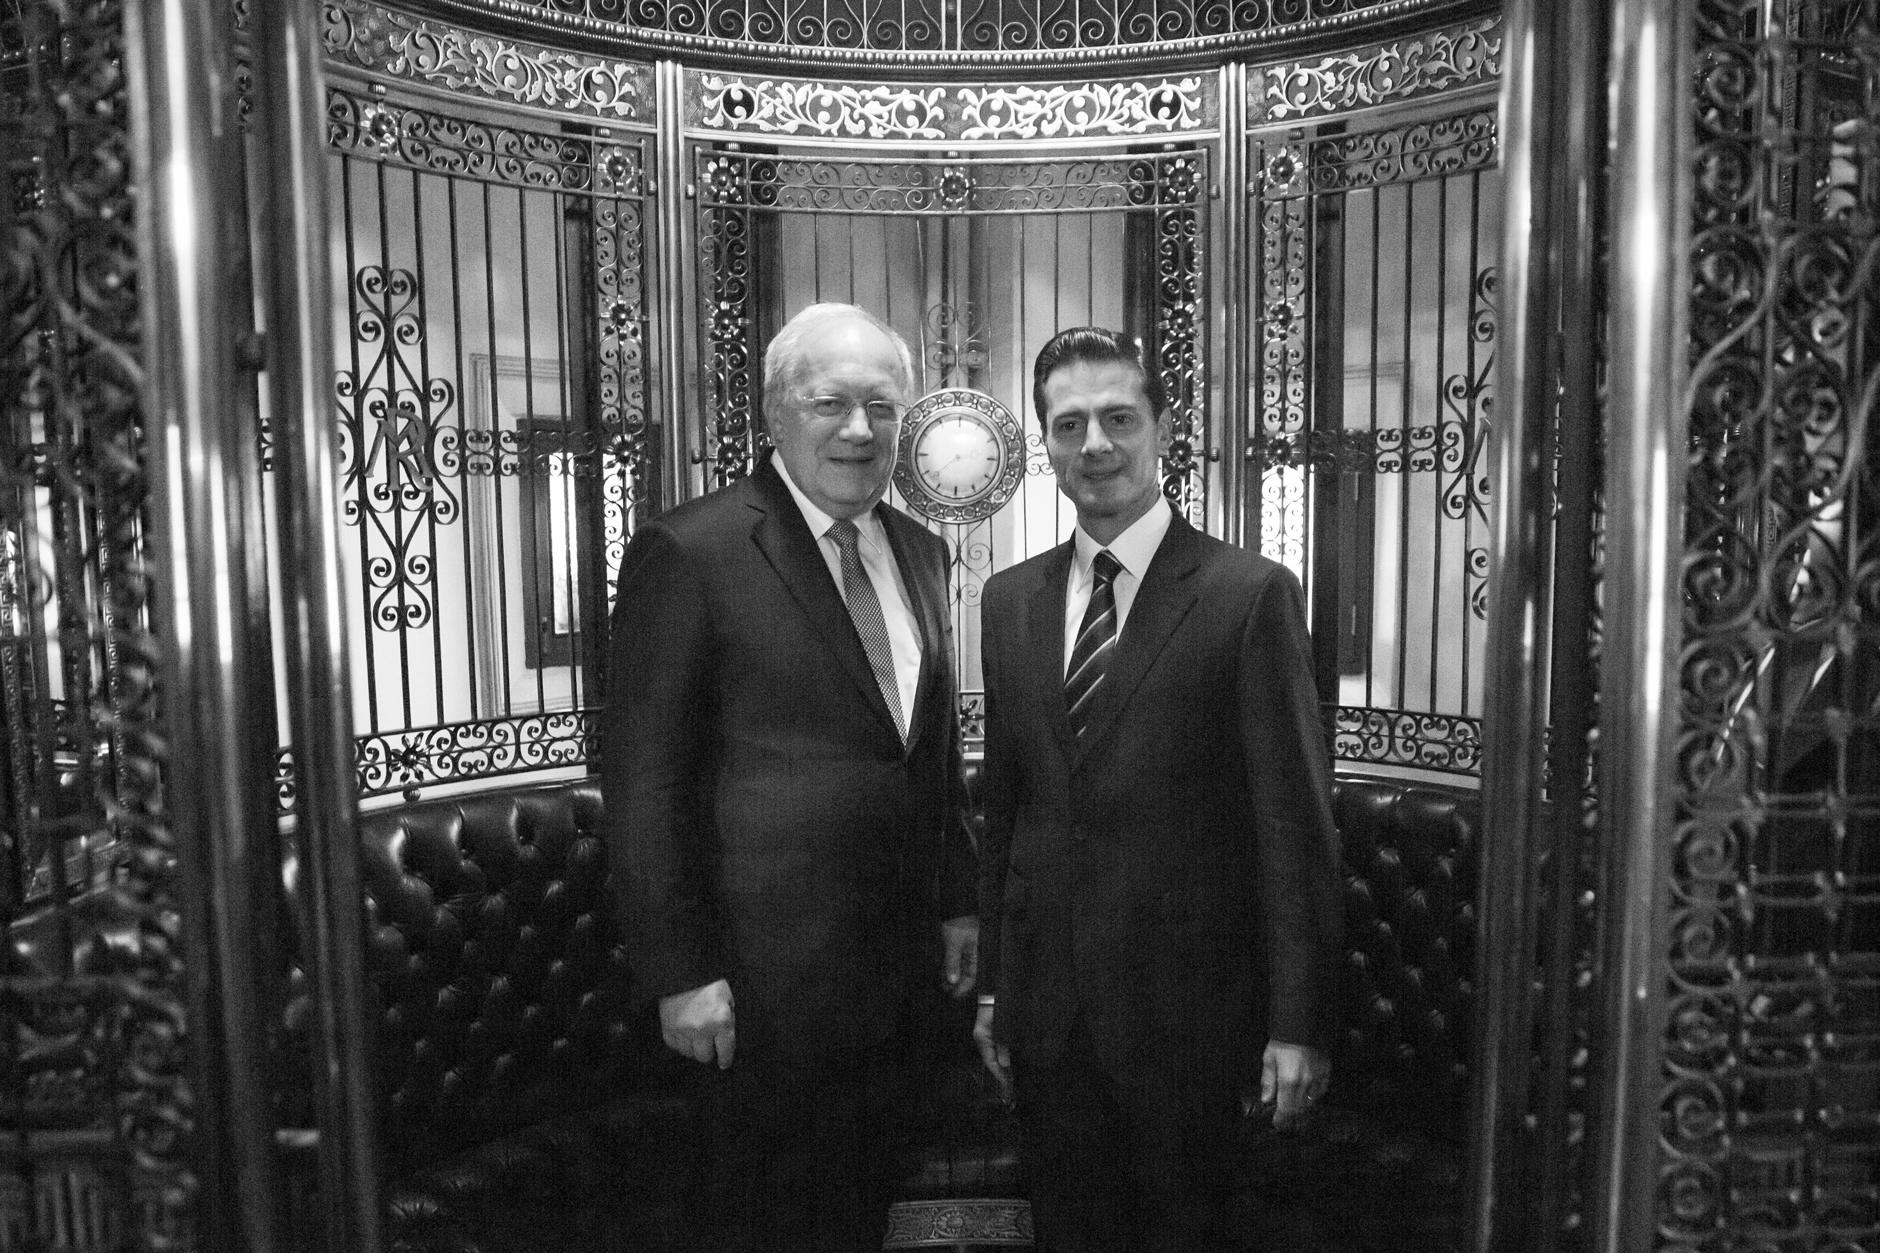 El Presidente de Suiza realiza una Visita de Estado a México, en el marco del 70º aniversario de relaciones diplomáticas entre ambas naciones.